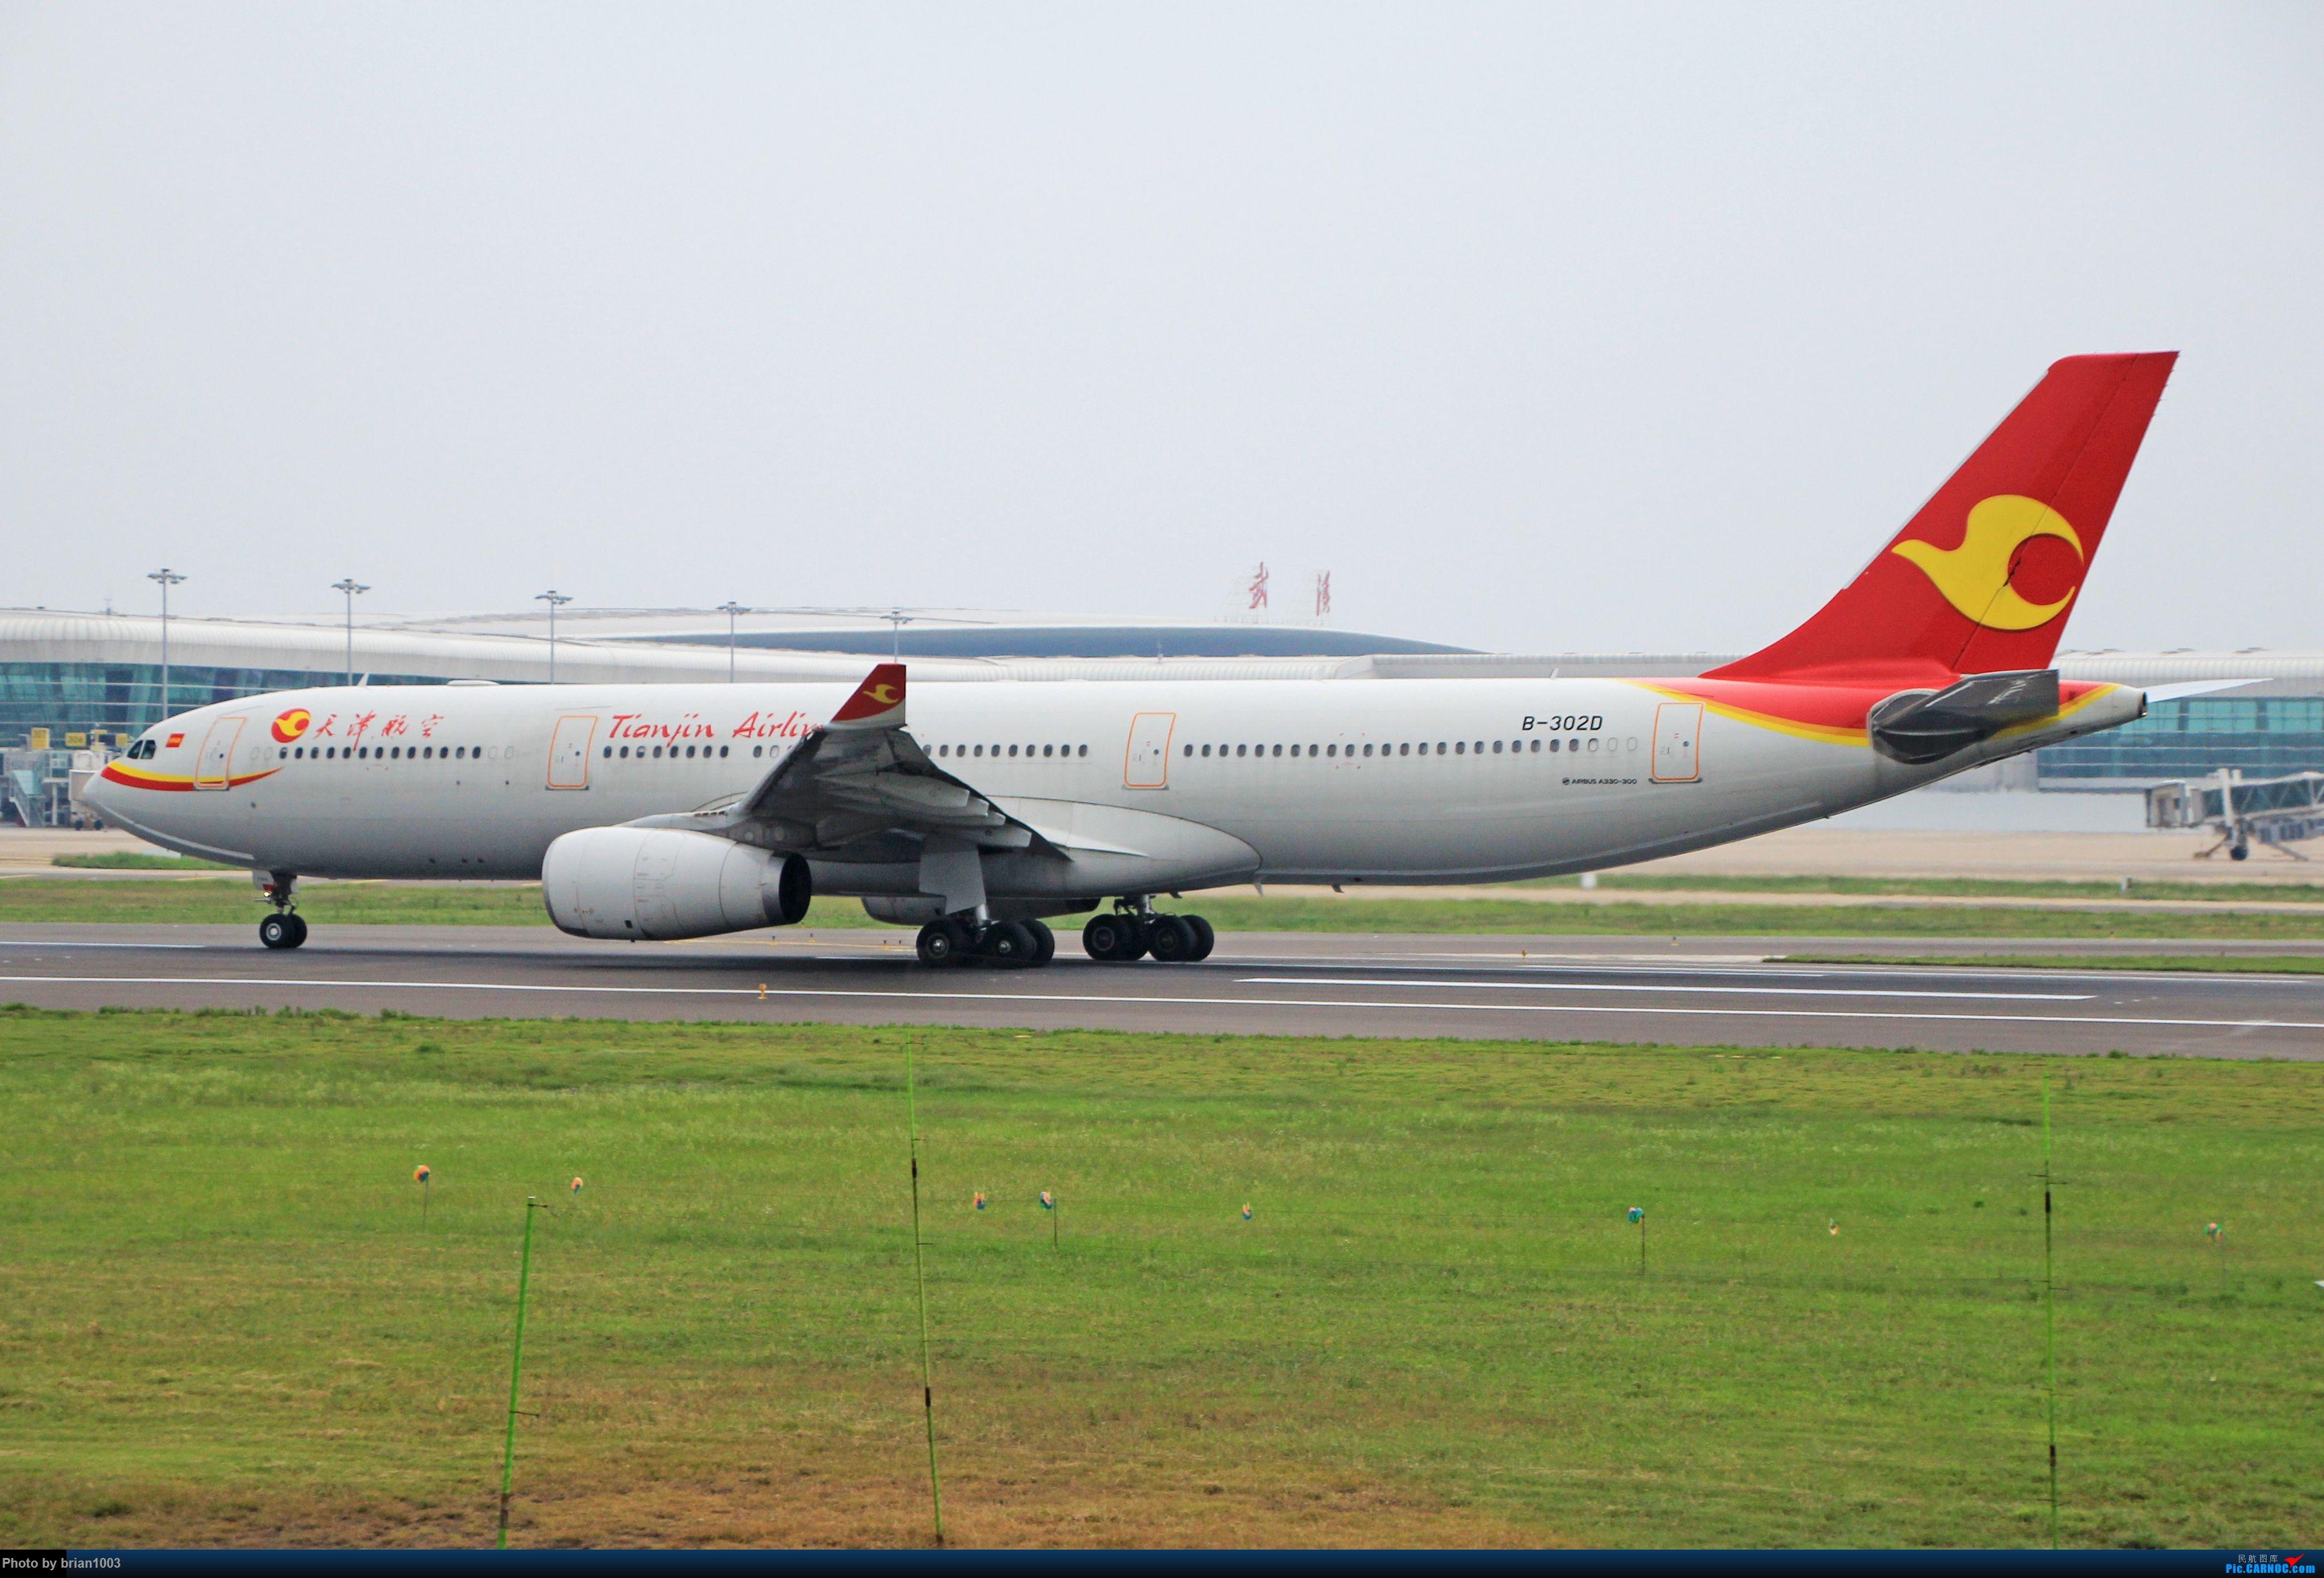 """Re:[原创]WUH天河机场拍机之""""天河归队""""六月篇(X7家744F) AIRBUS A330-300 B-302D 中国武汉天河国际机场"""